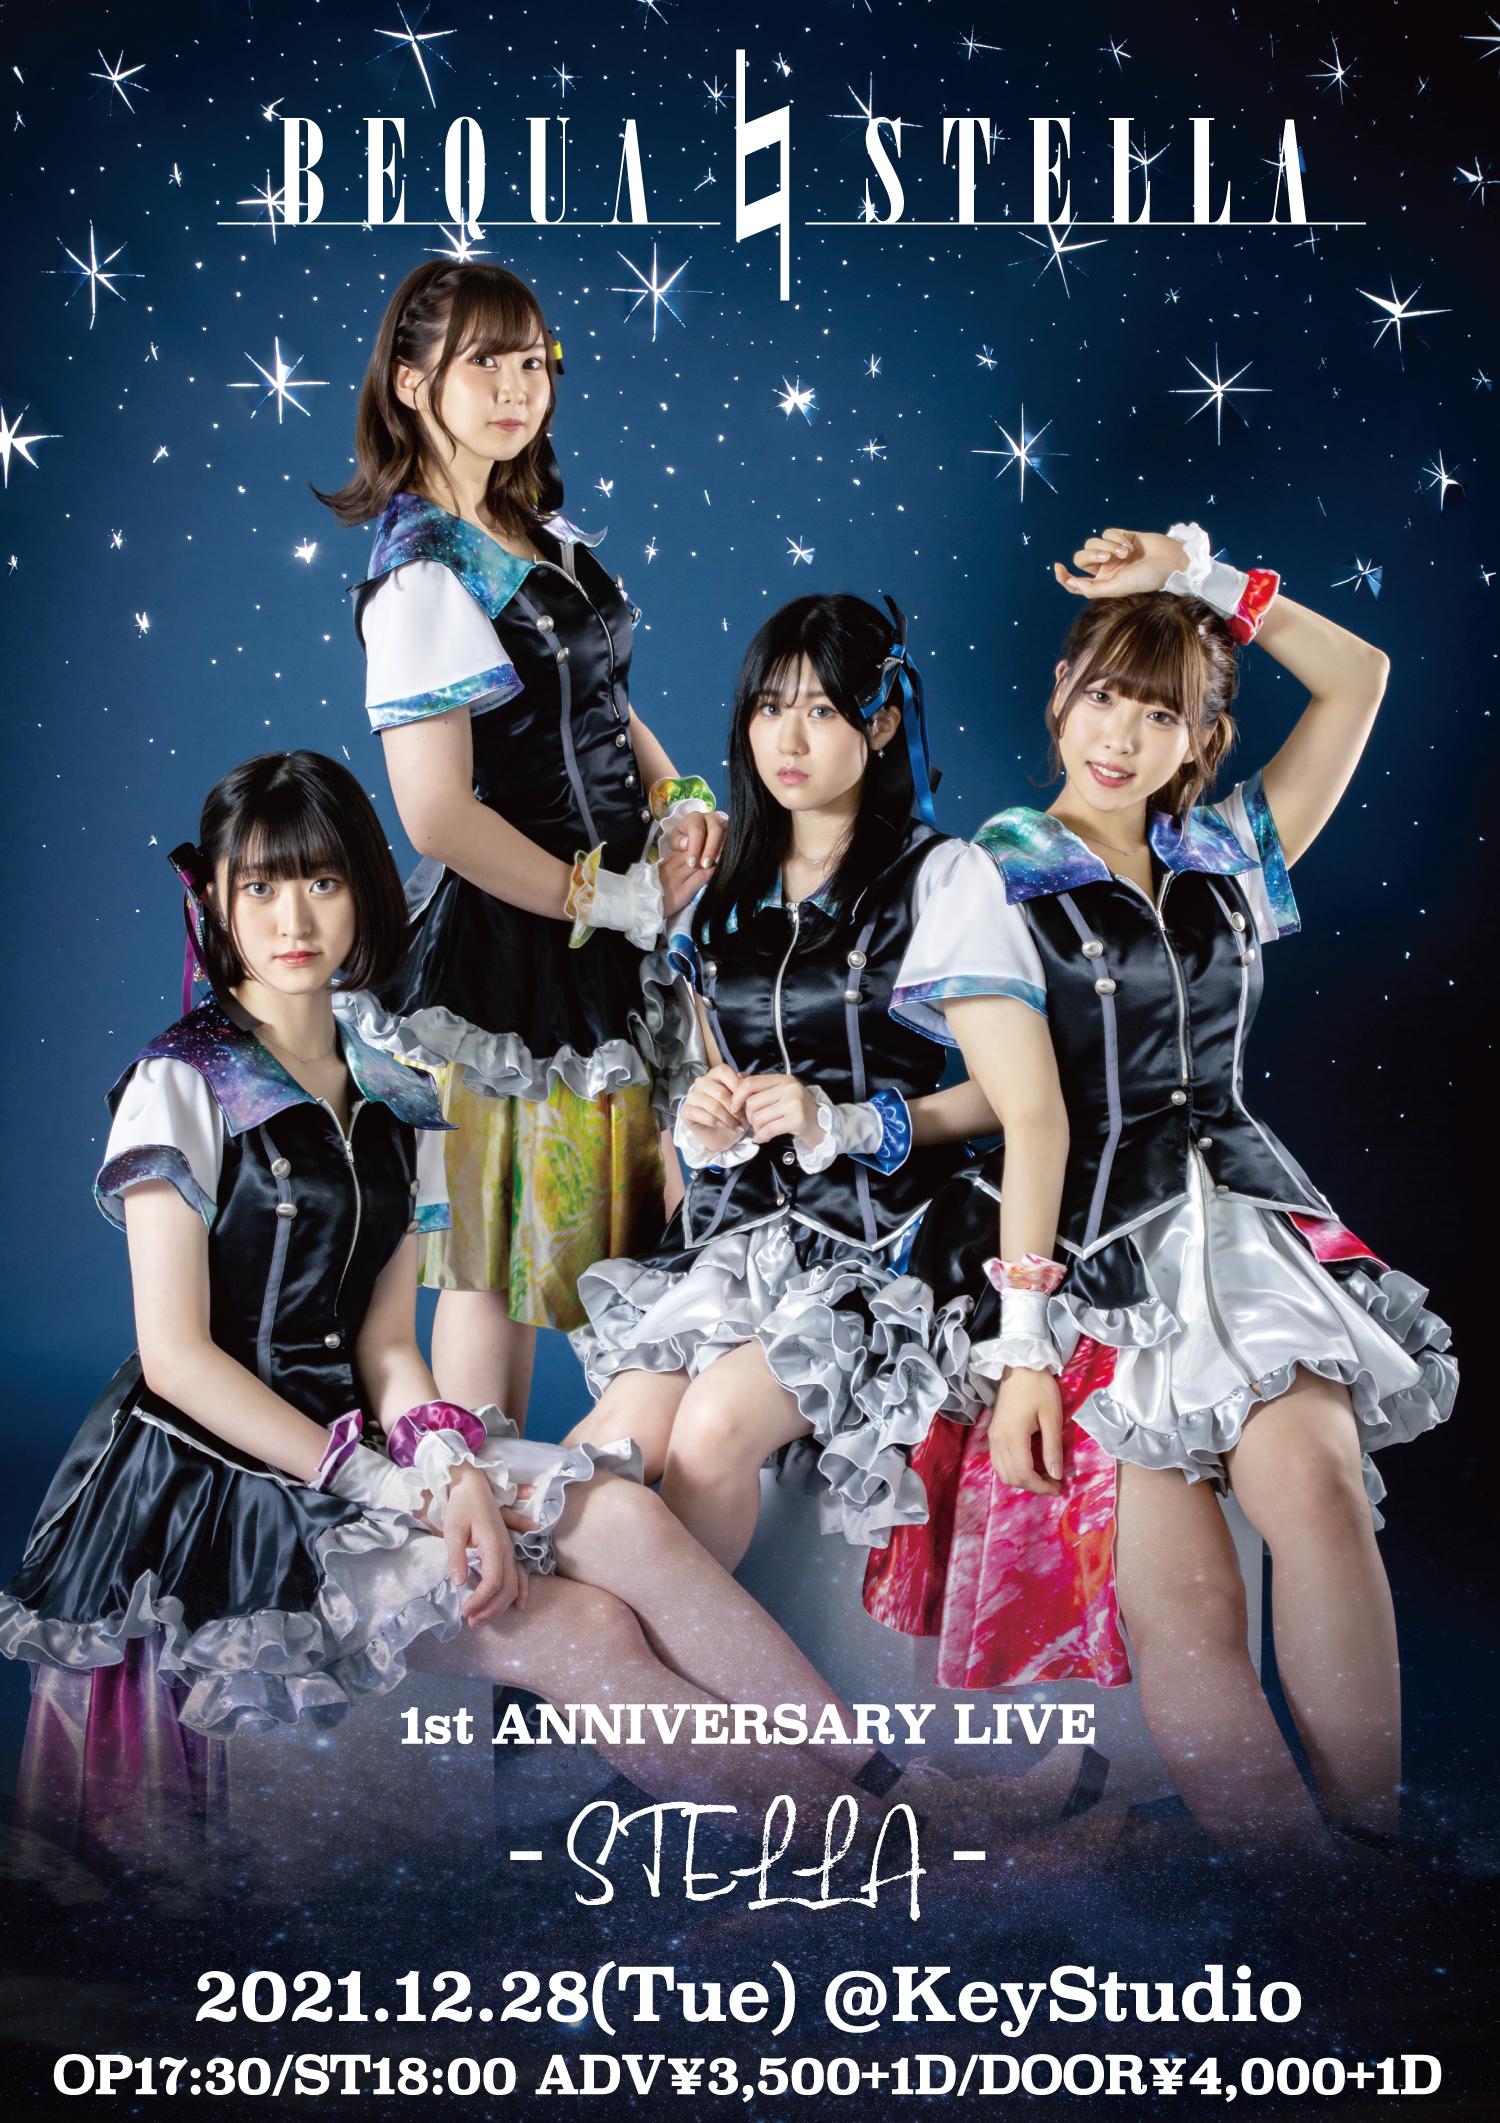 ♮ベクアステラ 1st ANNIVERSARY LIVE 「STELLA」